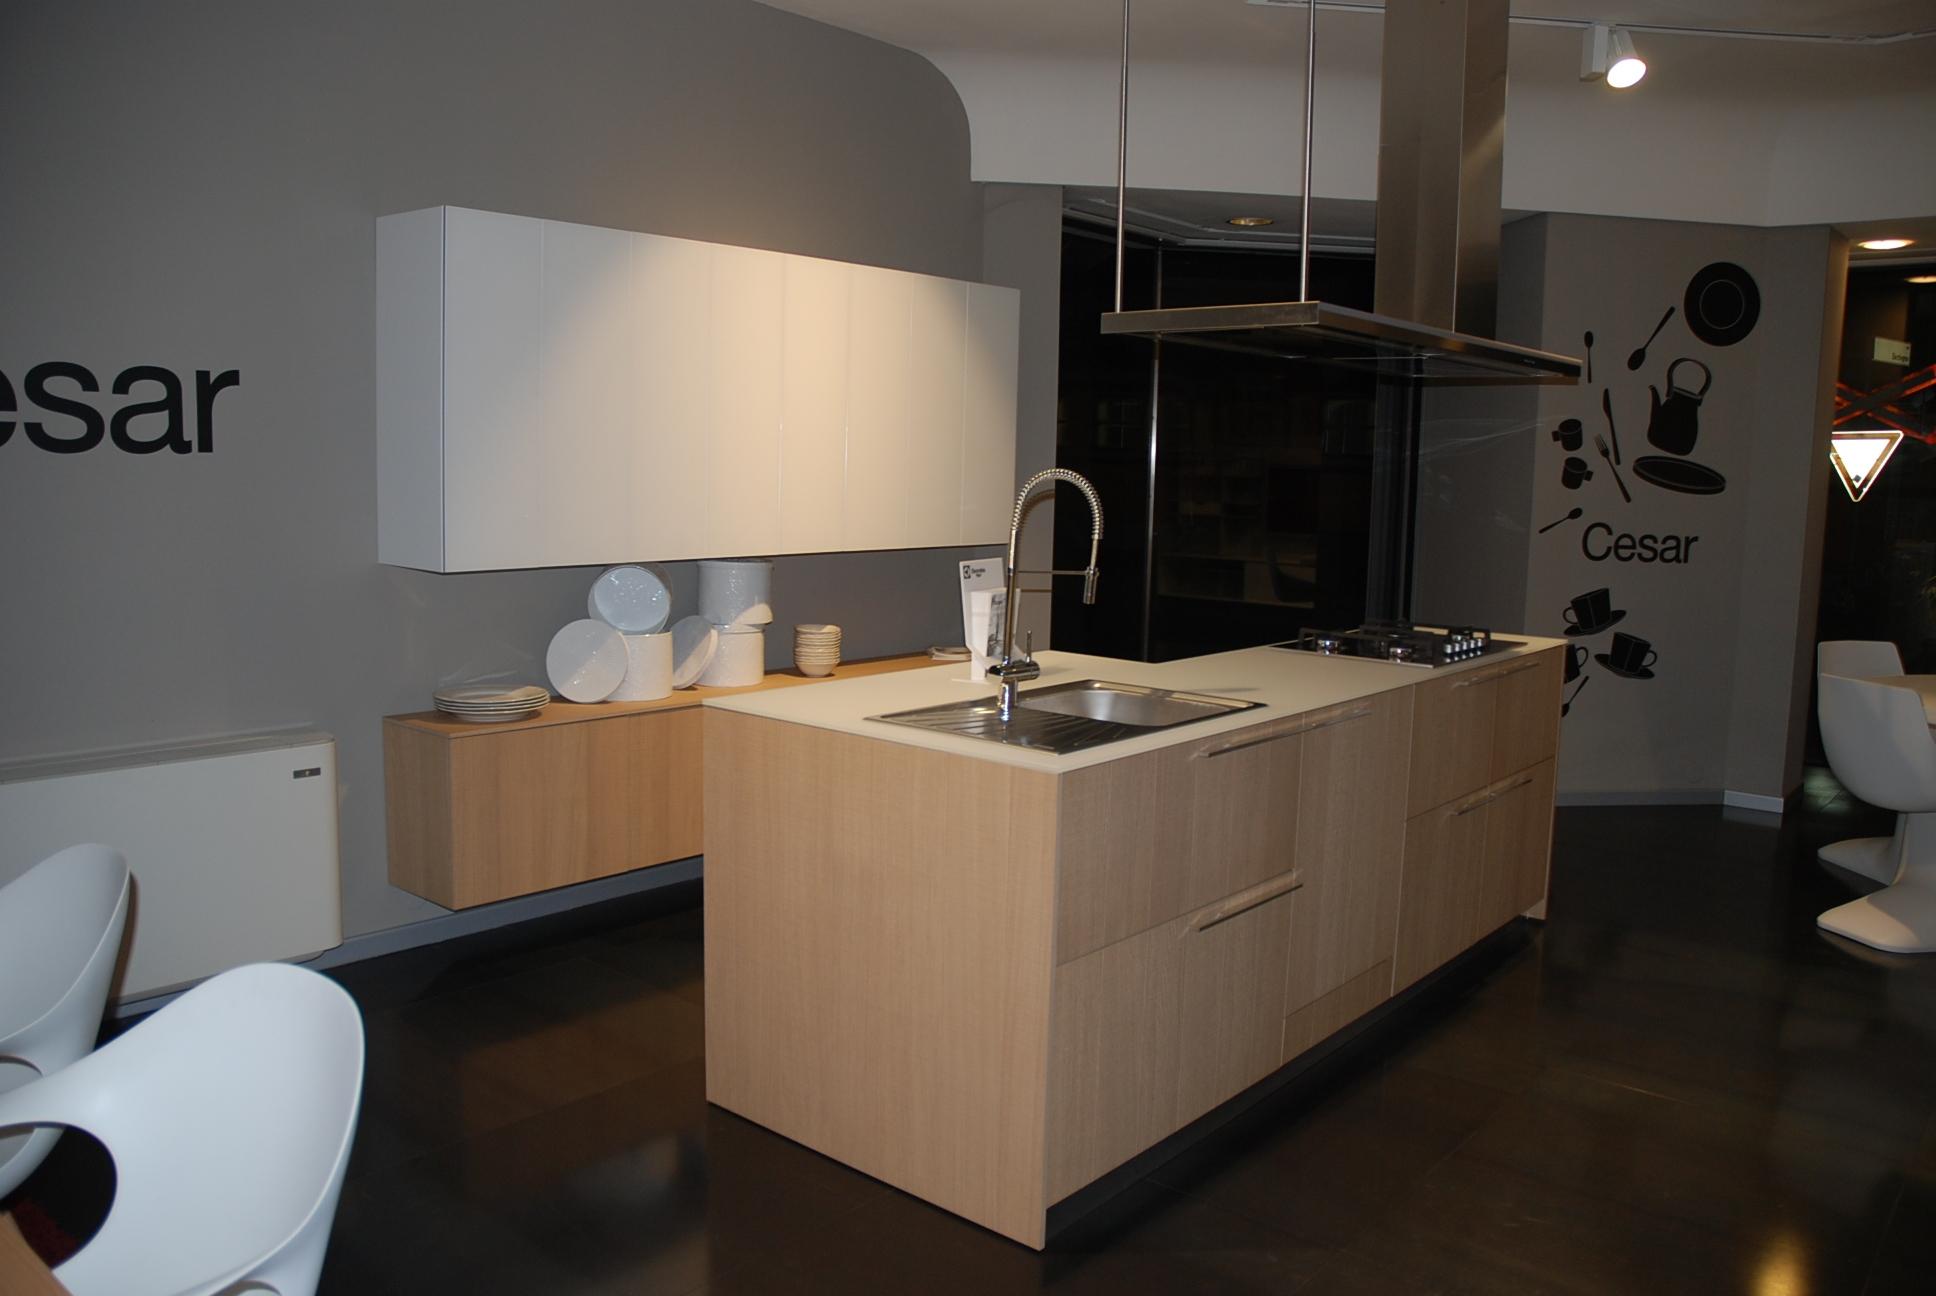 Cucina cesar cucine kalea legno rovere taglio sega - Cucine in legno chiaro ...